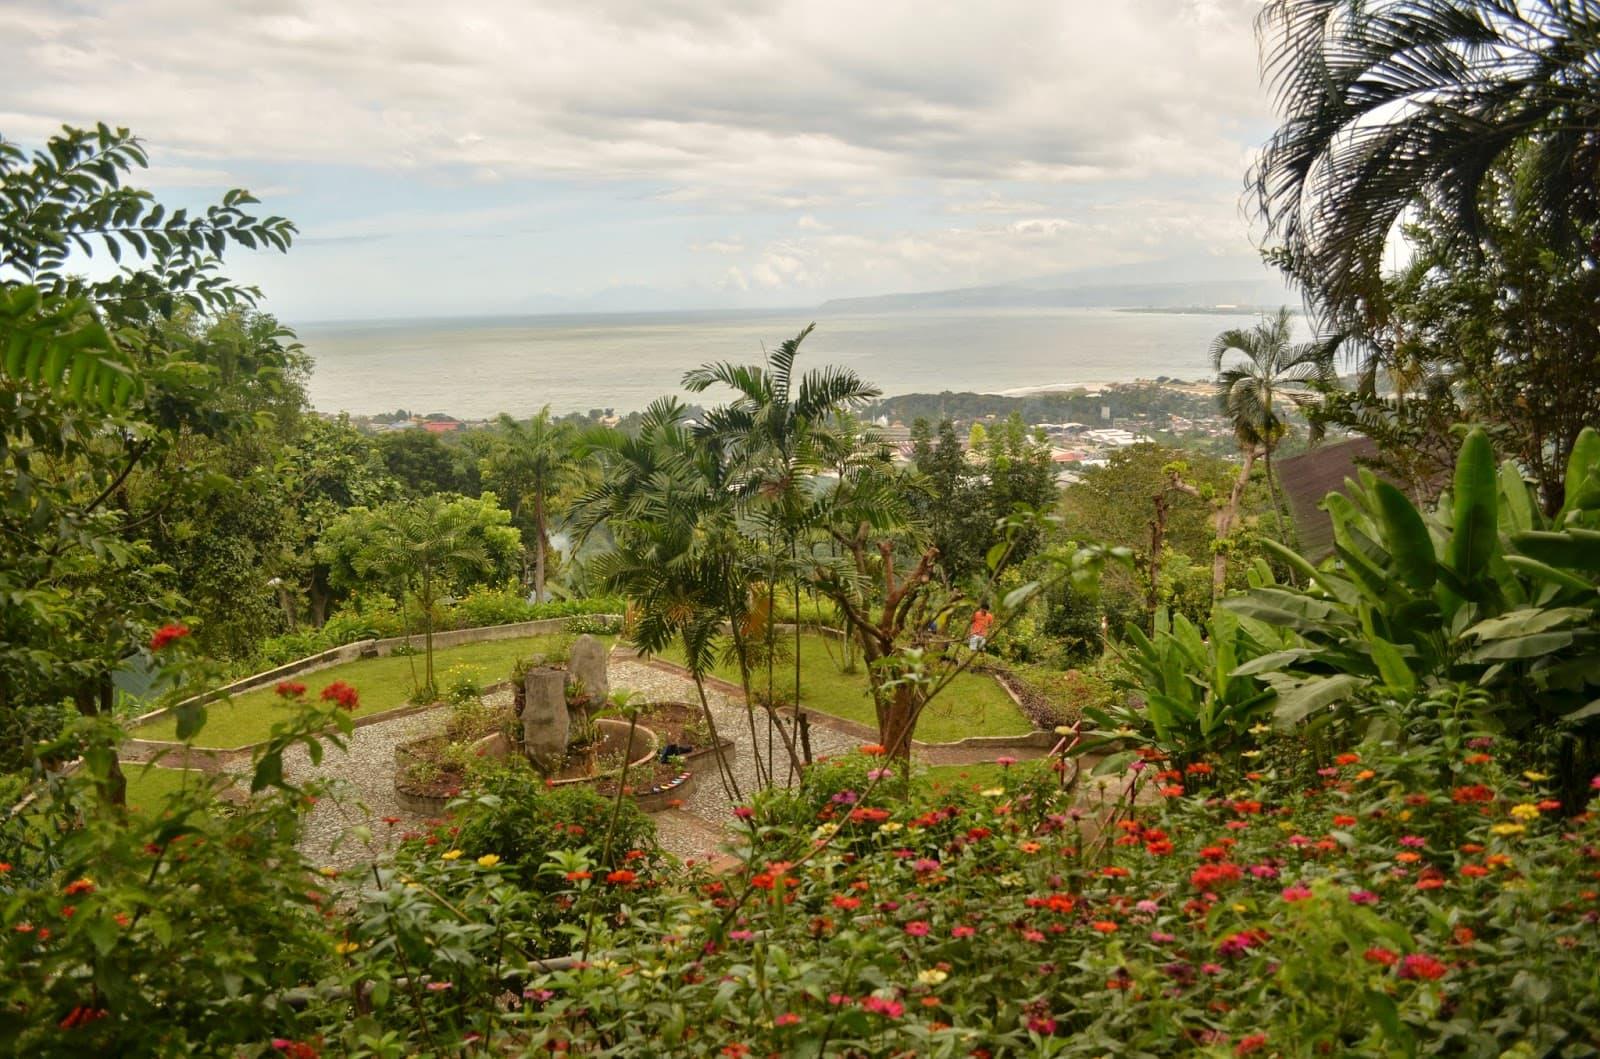 Gardens of Malasag Eco-Tourism